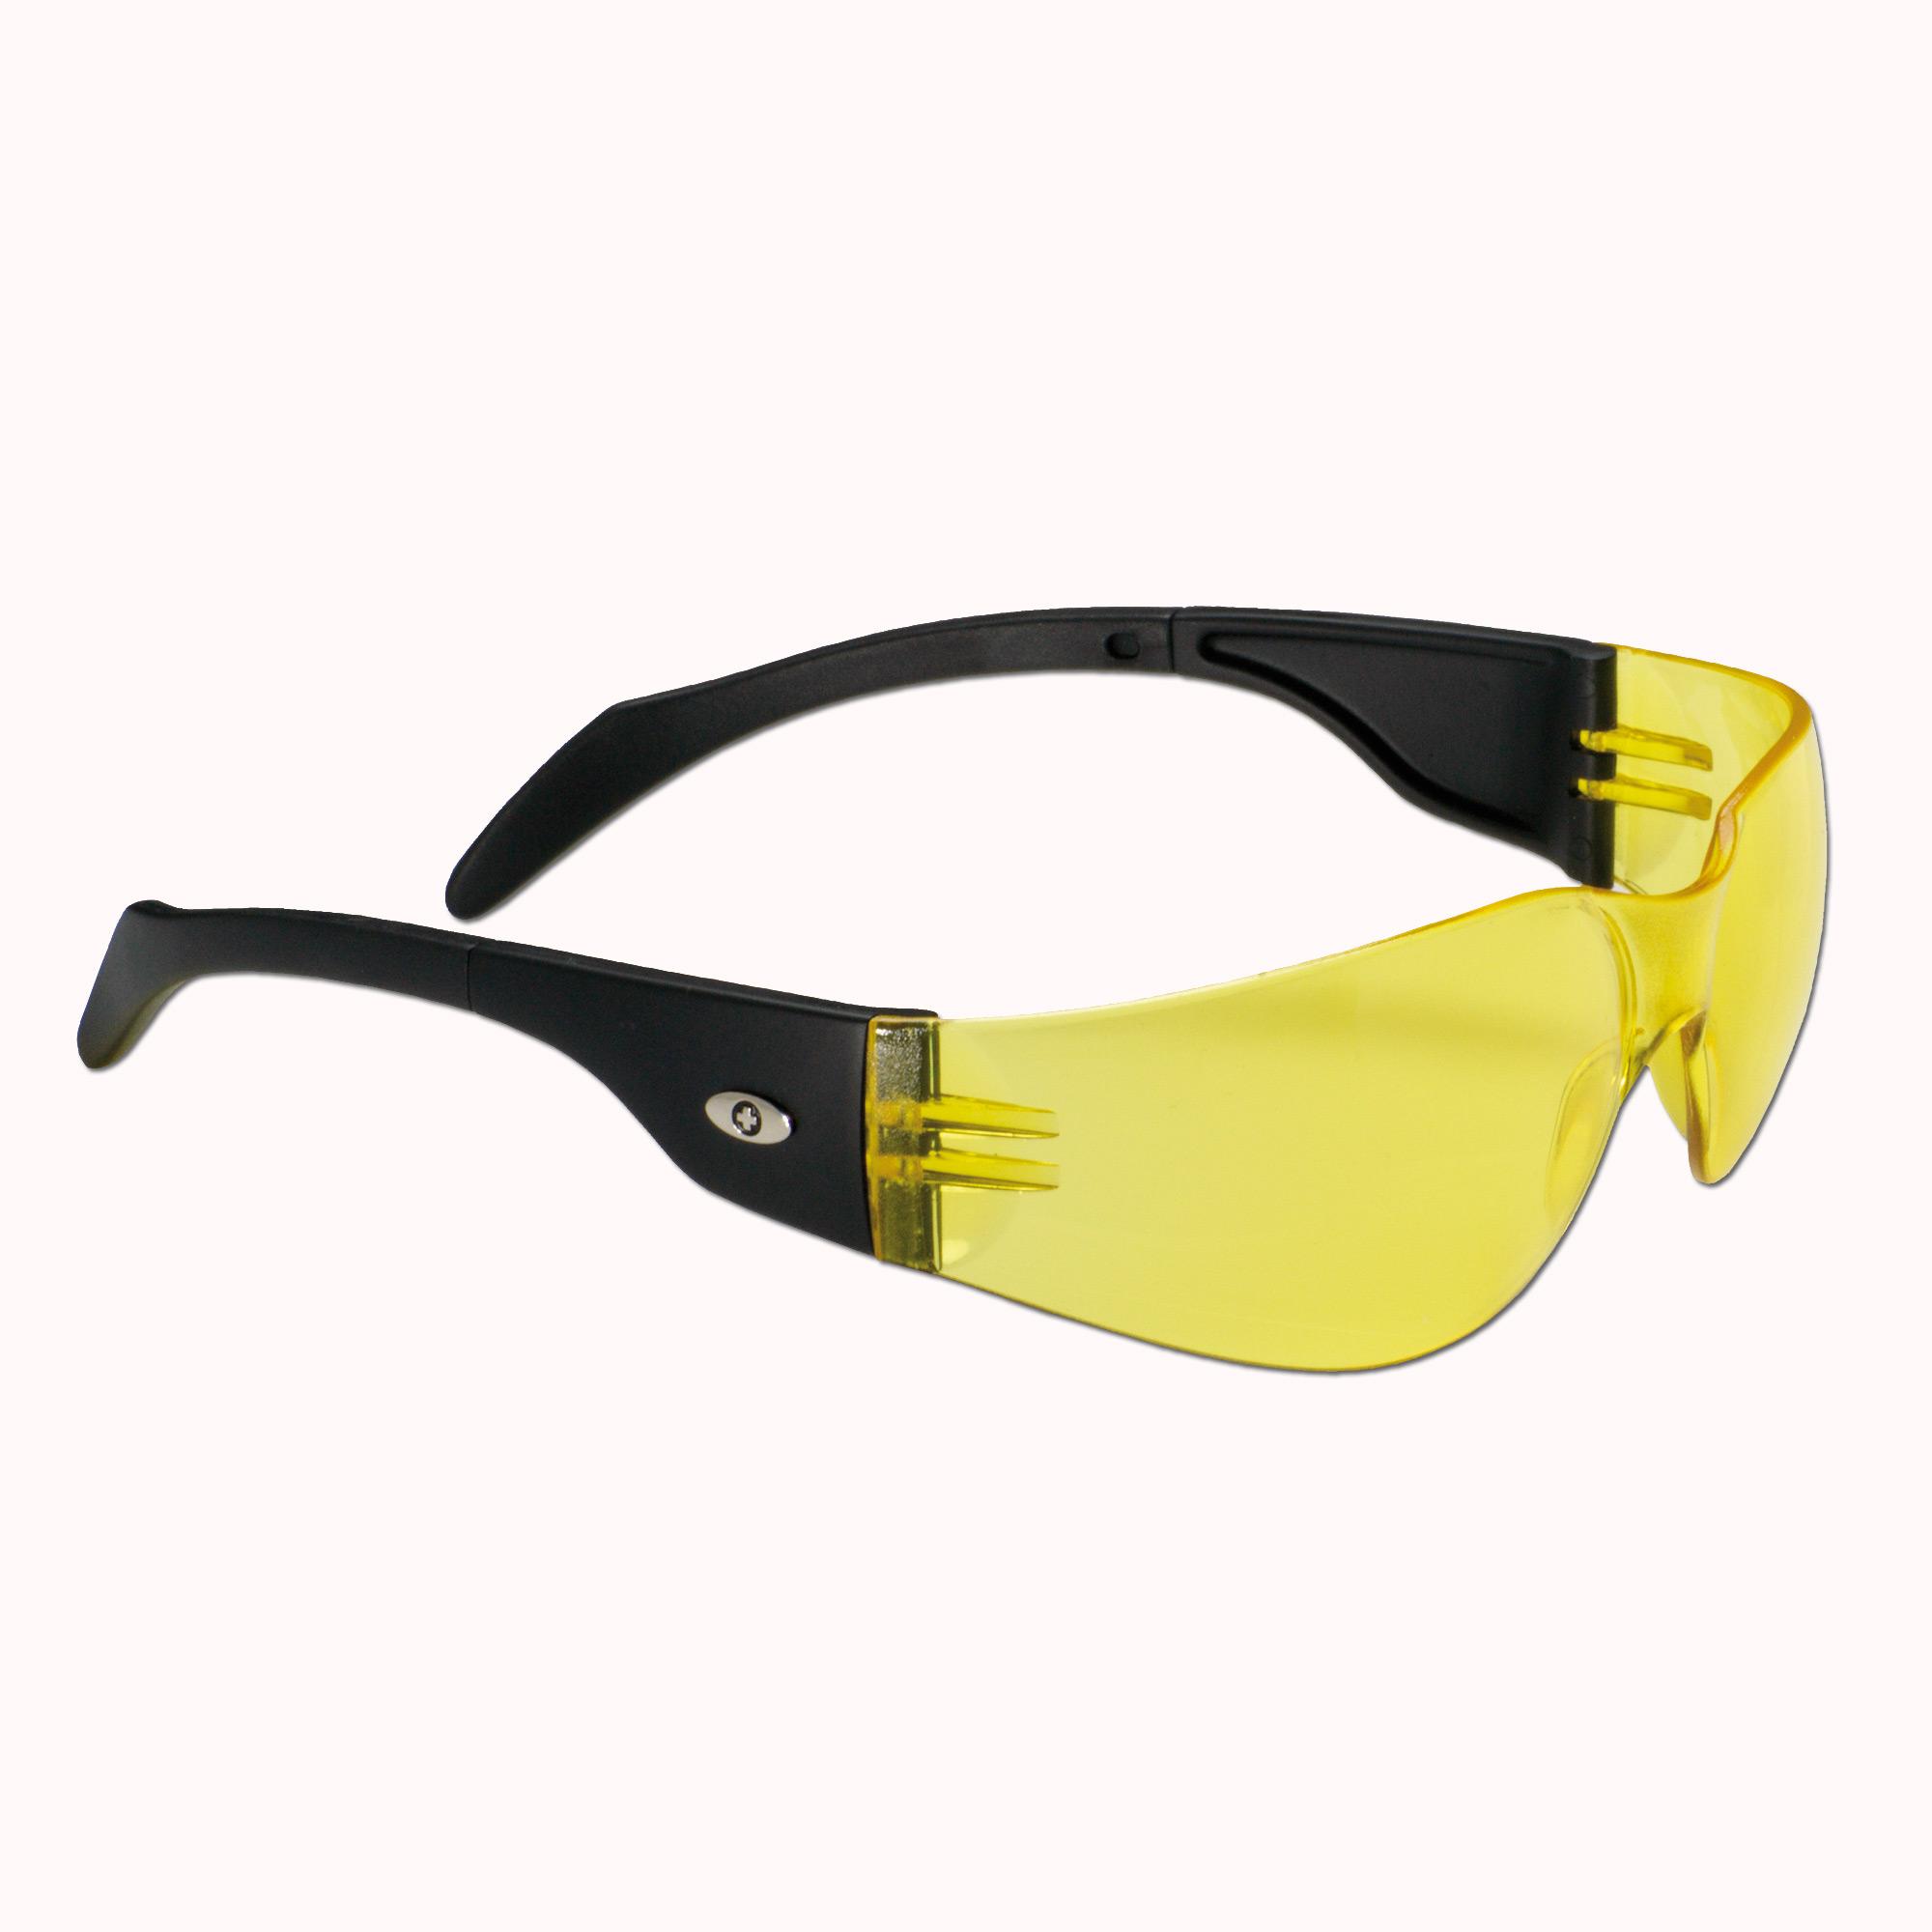 Gafas de sol Swiss Eye Outbreak S amarillas